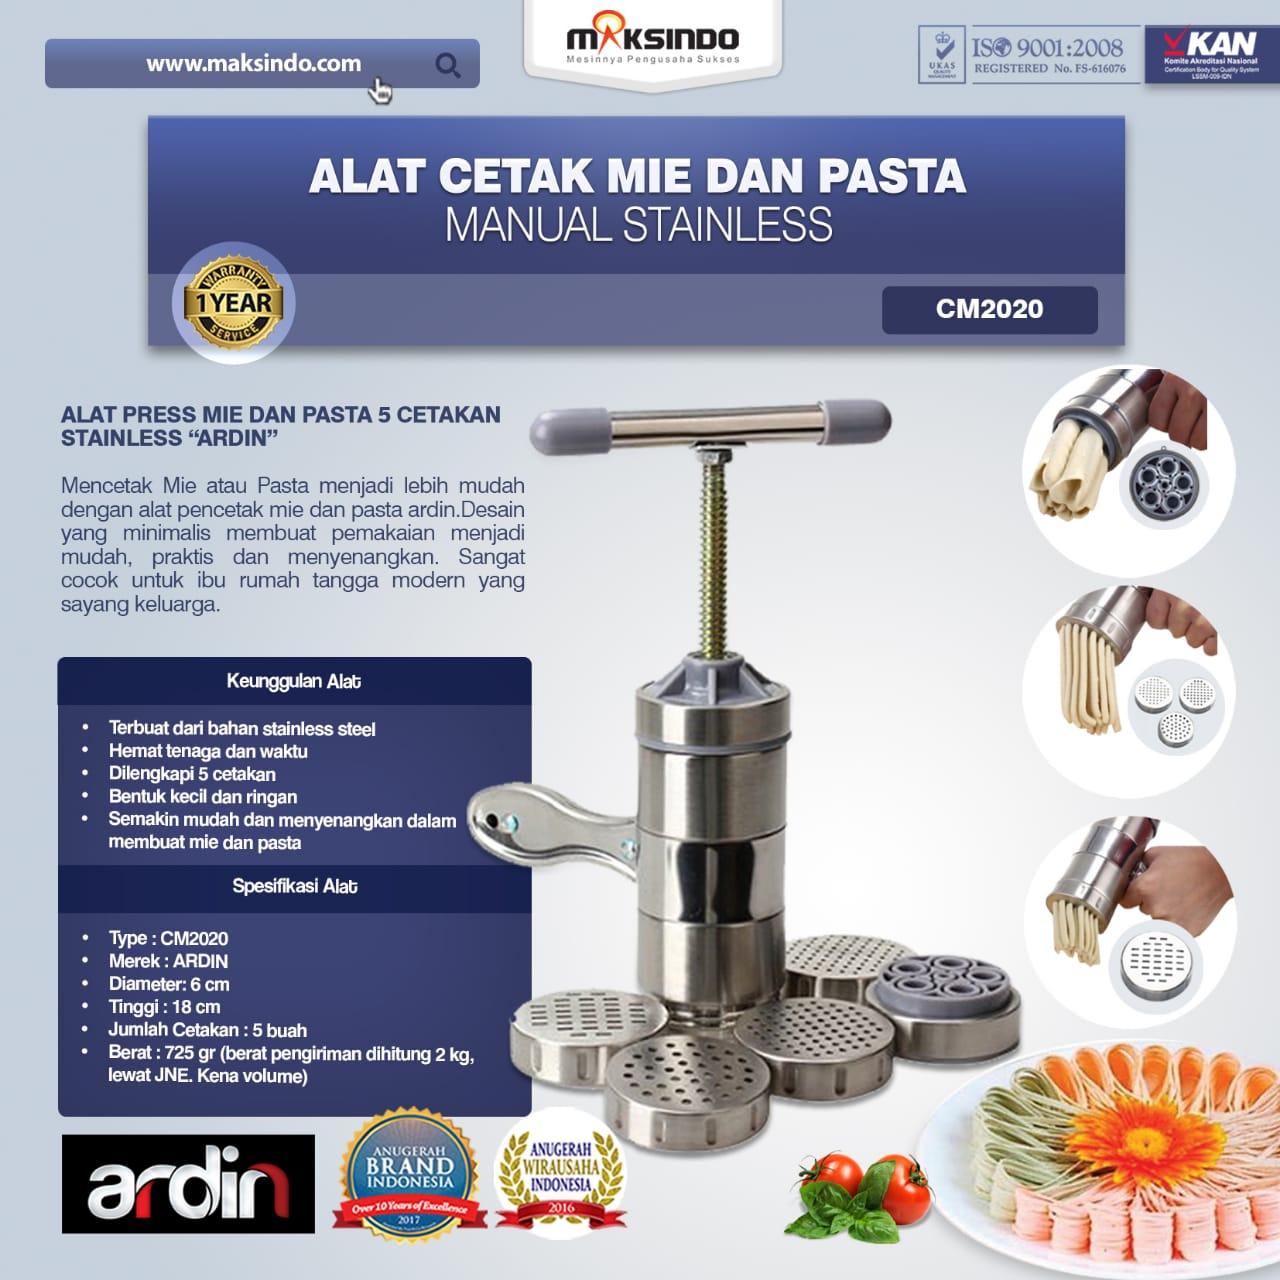 Jual Alat Cetak Mie dan Pasta Manual Stainless (ARDIN) CM2020 di Tangerang